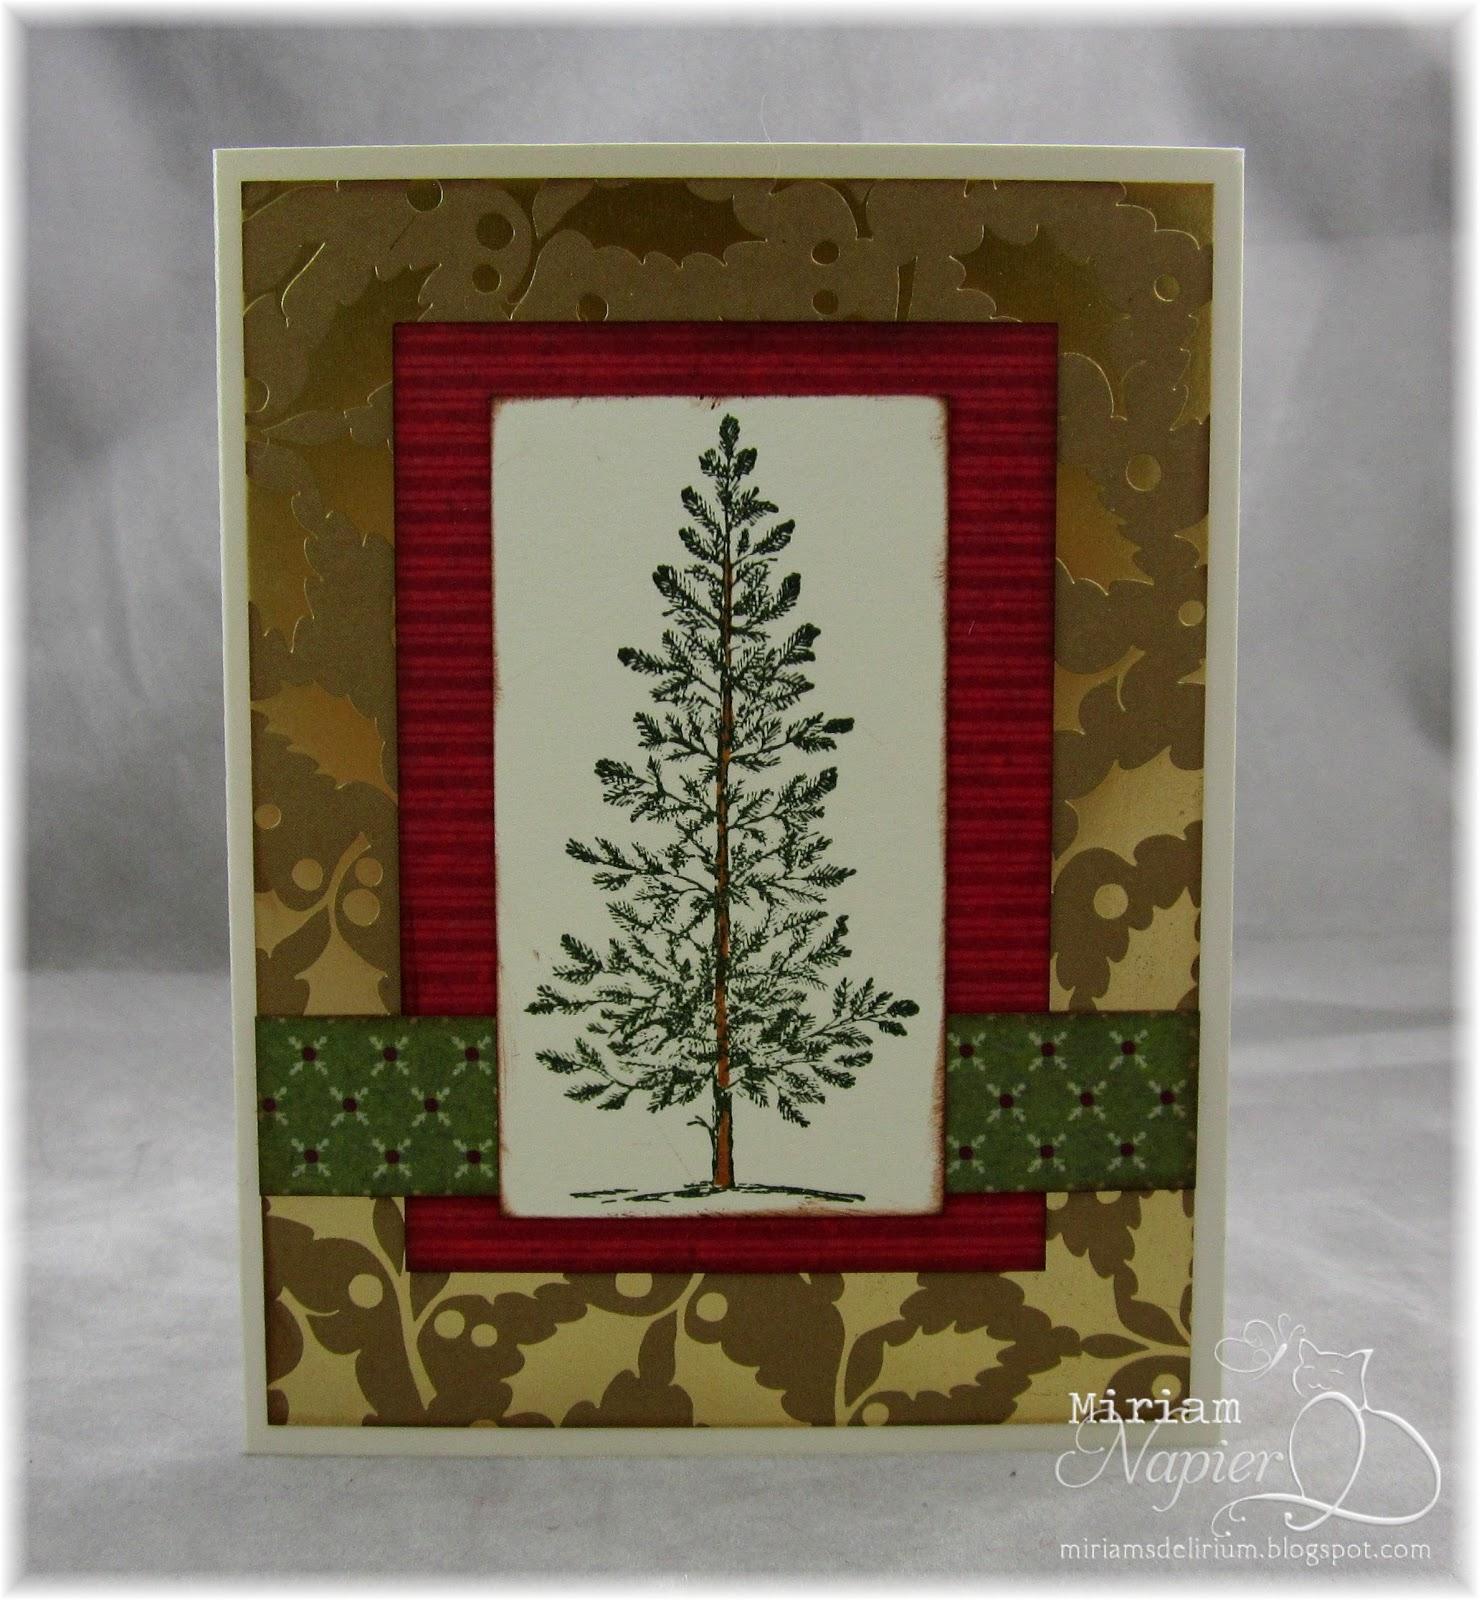 Miriam's Delirium: Simple Christmas Cards